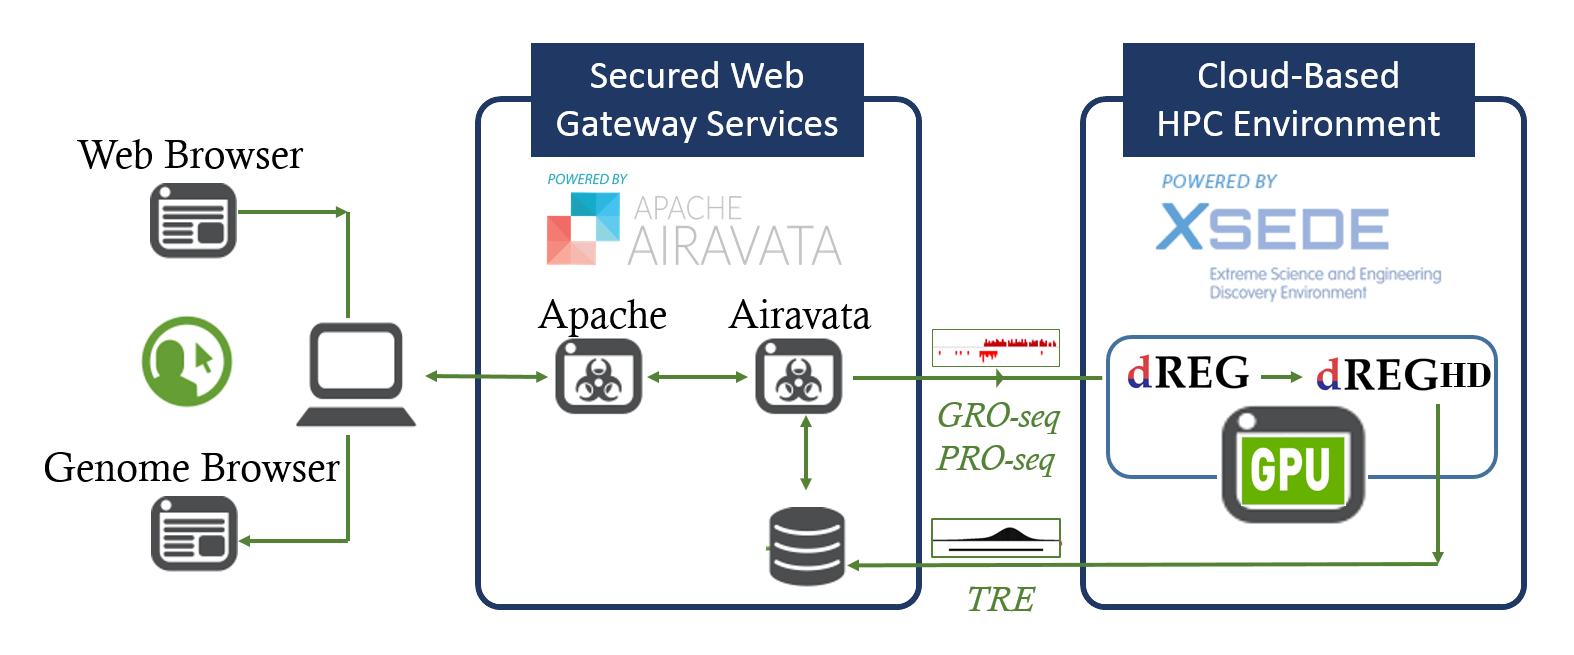 dREG Gateway